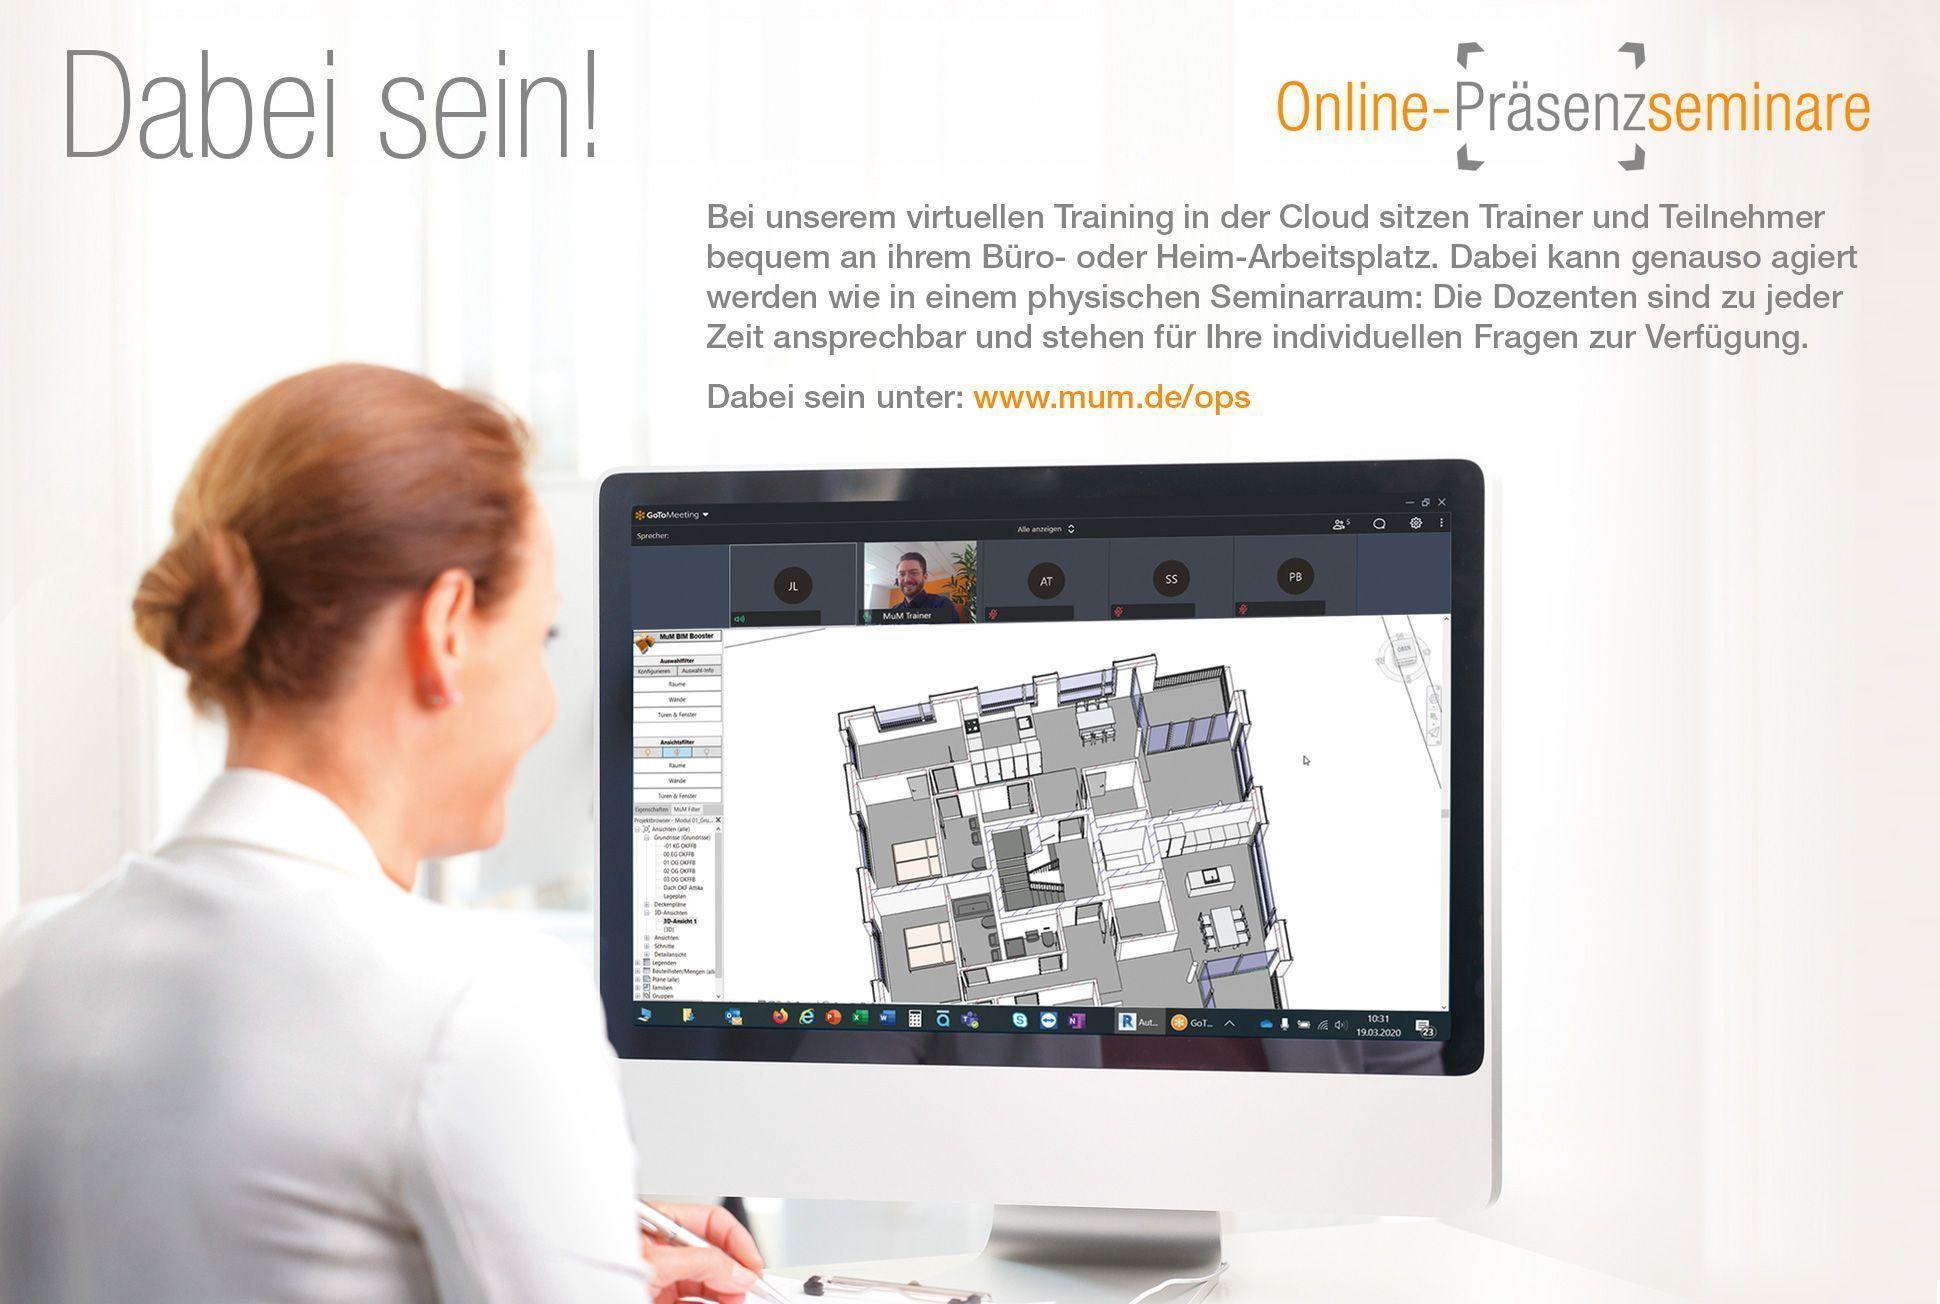 Online-Präsenzseminare:<br> jetzt neu bei MuM!